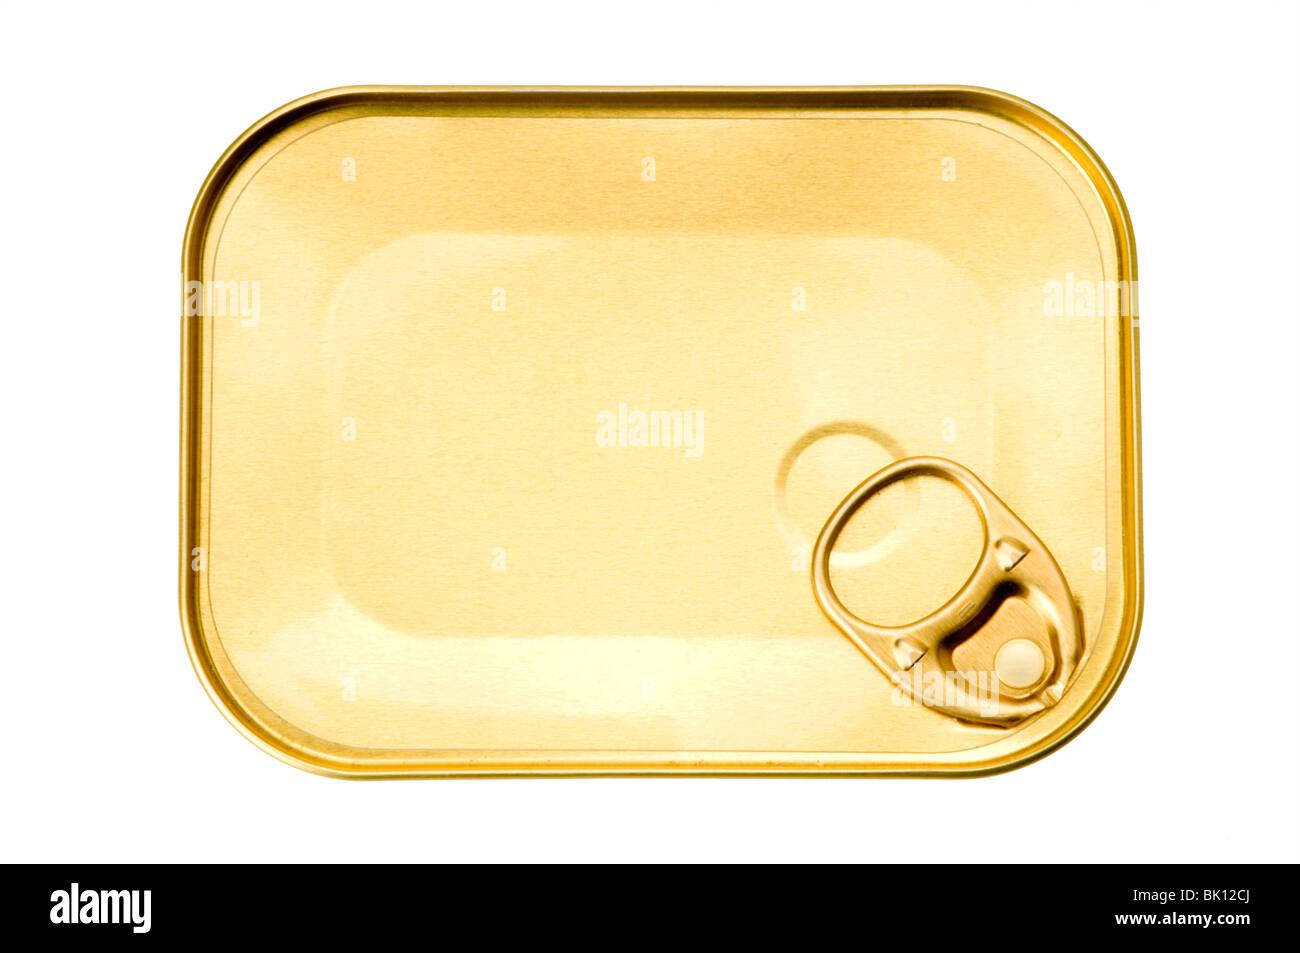 sardine tin can on white - Stock Image